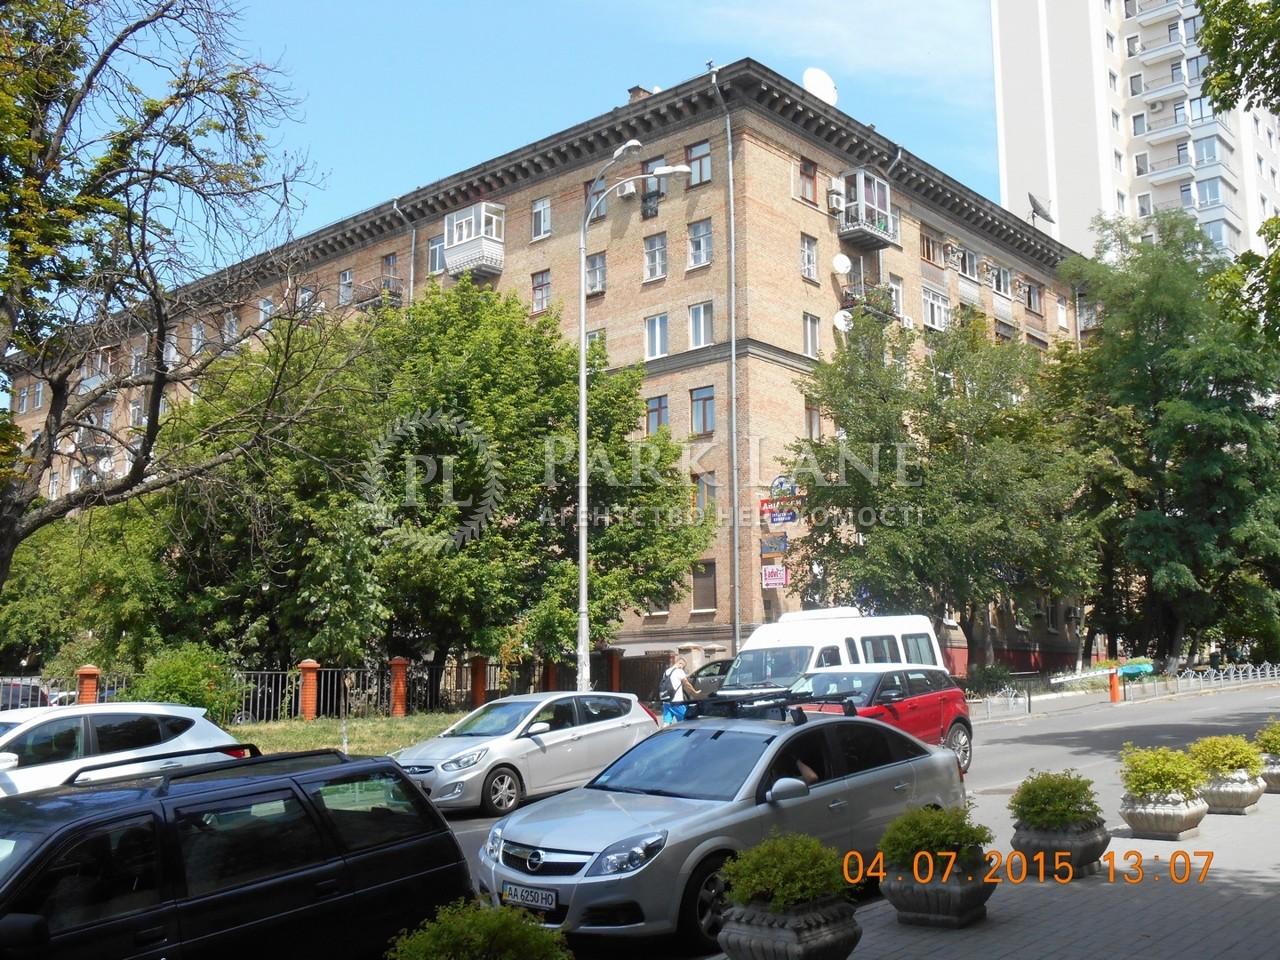 Квартира ул. Деловая (Димитрова), 6, Киев, R-11575 - Фото 1